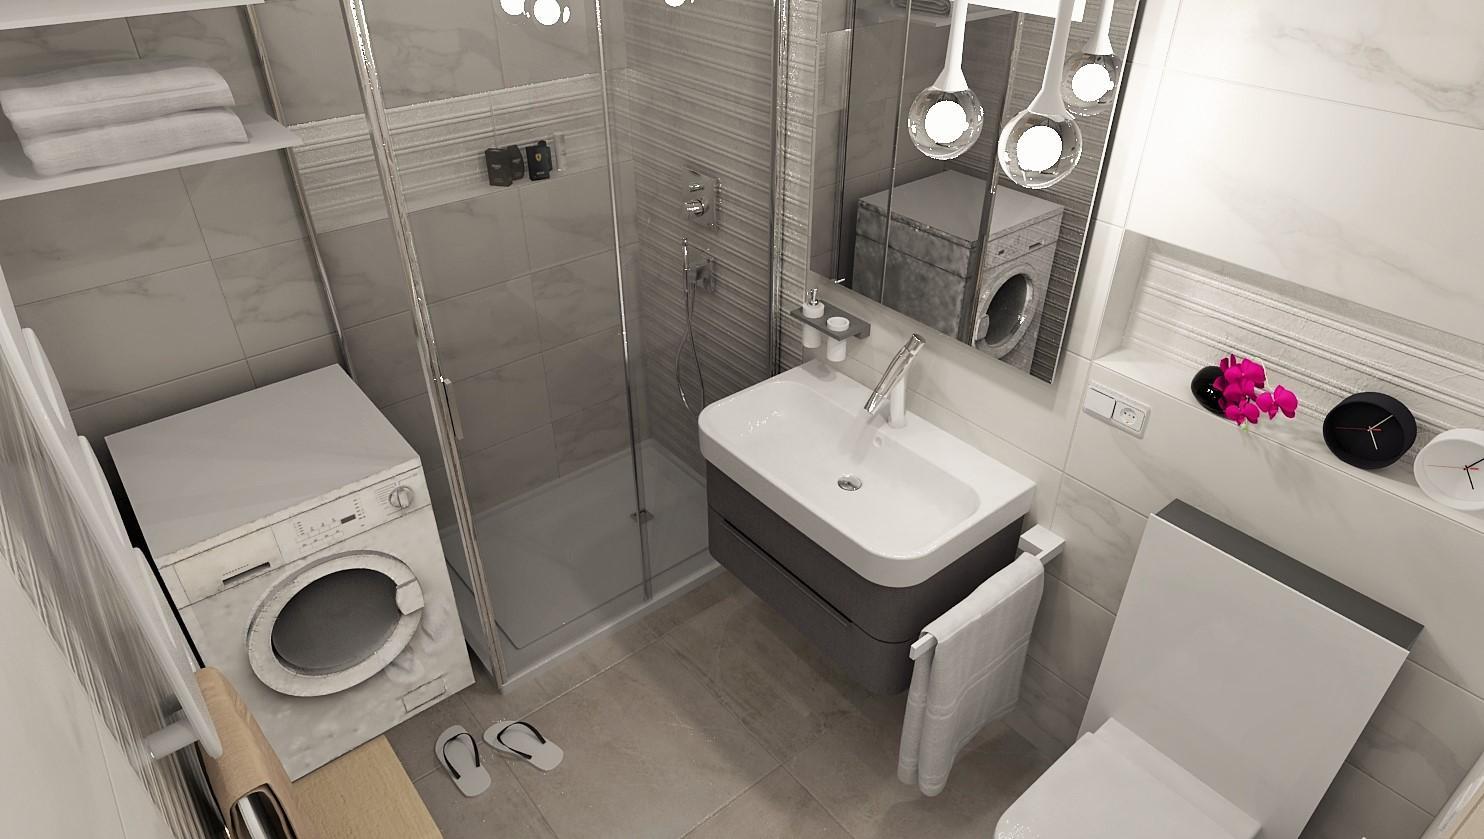 3D návrhy kúpeľní - vizualizácie - Malá kúpeľňa & veľký obklad - vizualizácia kúpeľne v 2 izbovom byte  - www.modernekupelne.sk